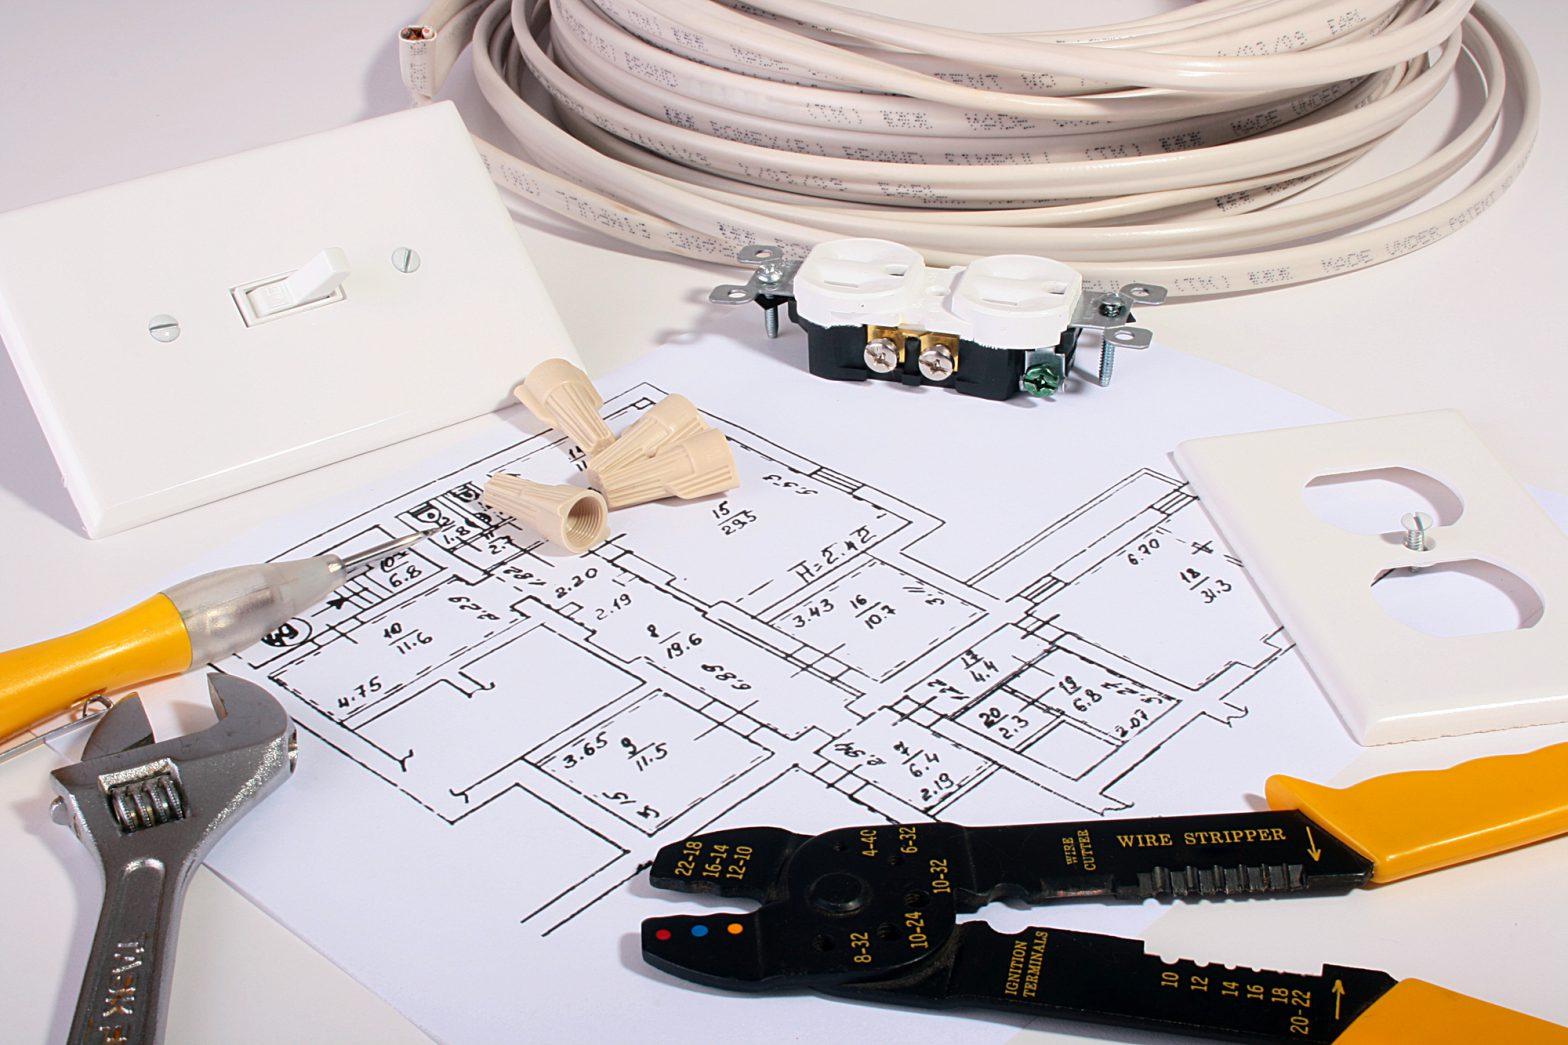 Ogrzewanie domu w budowie - konieczność czy zbędny wydatek?